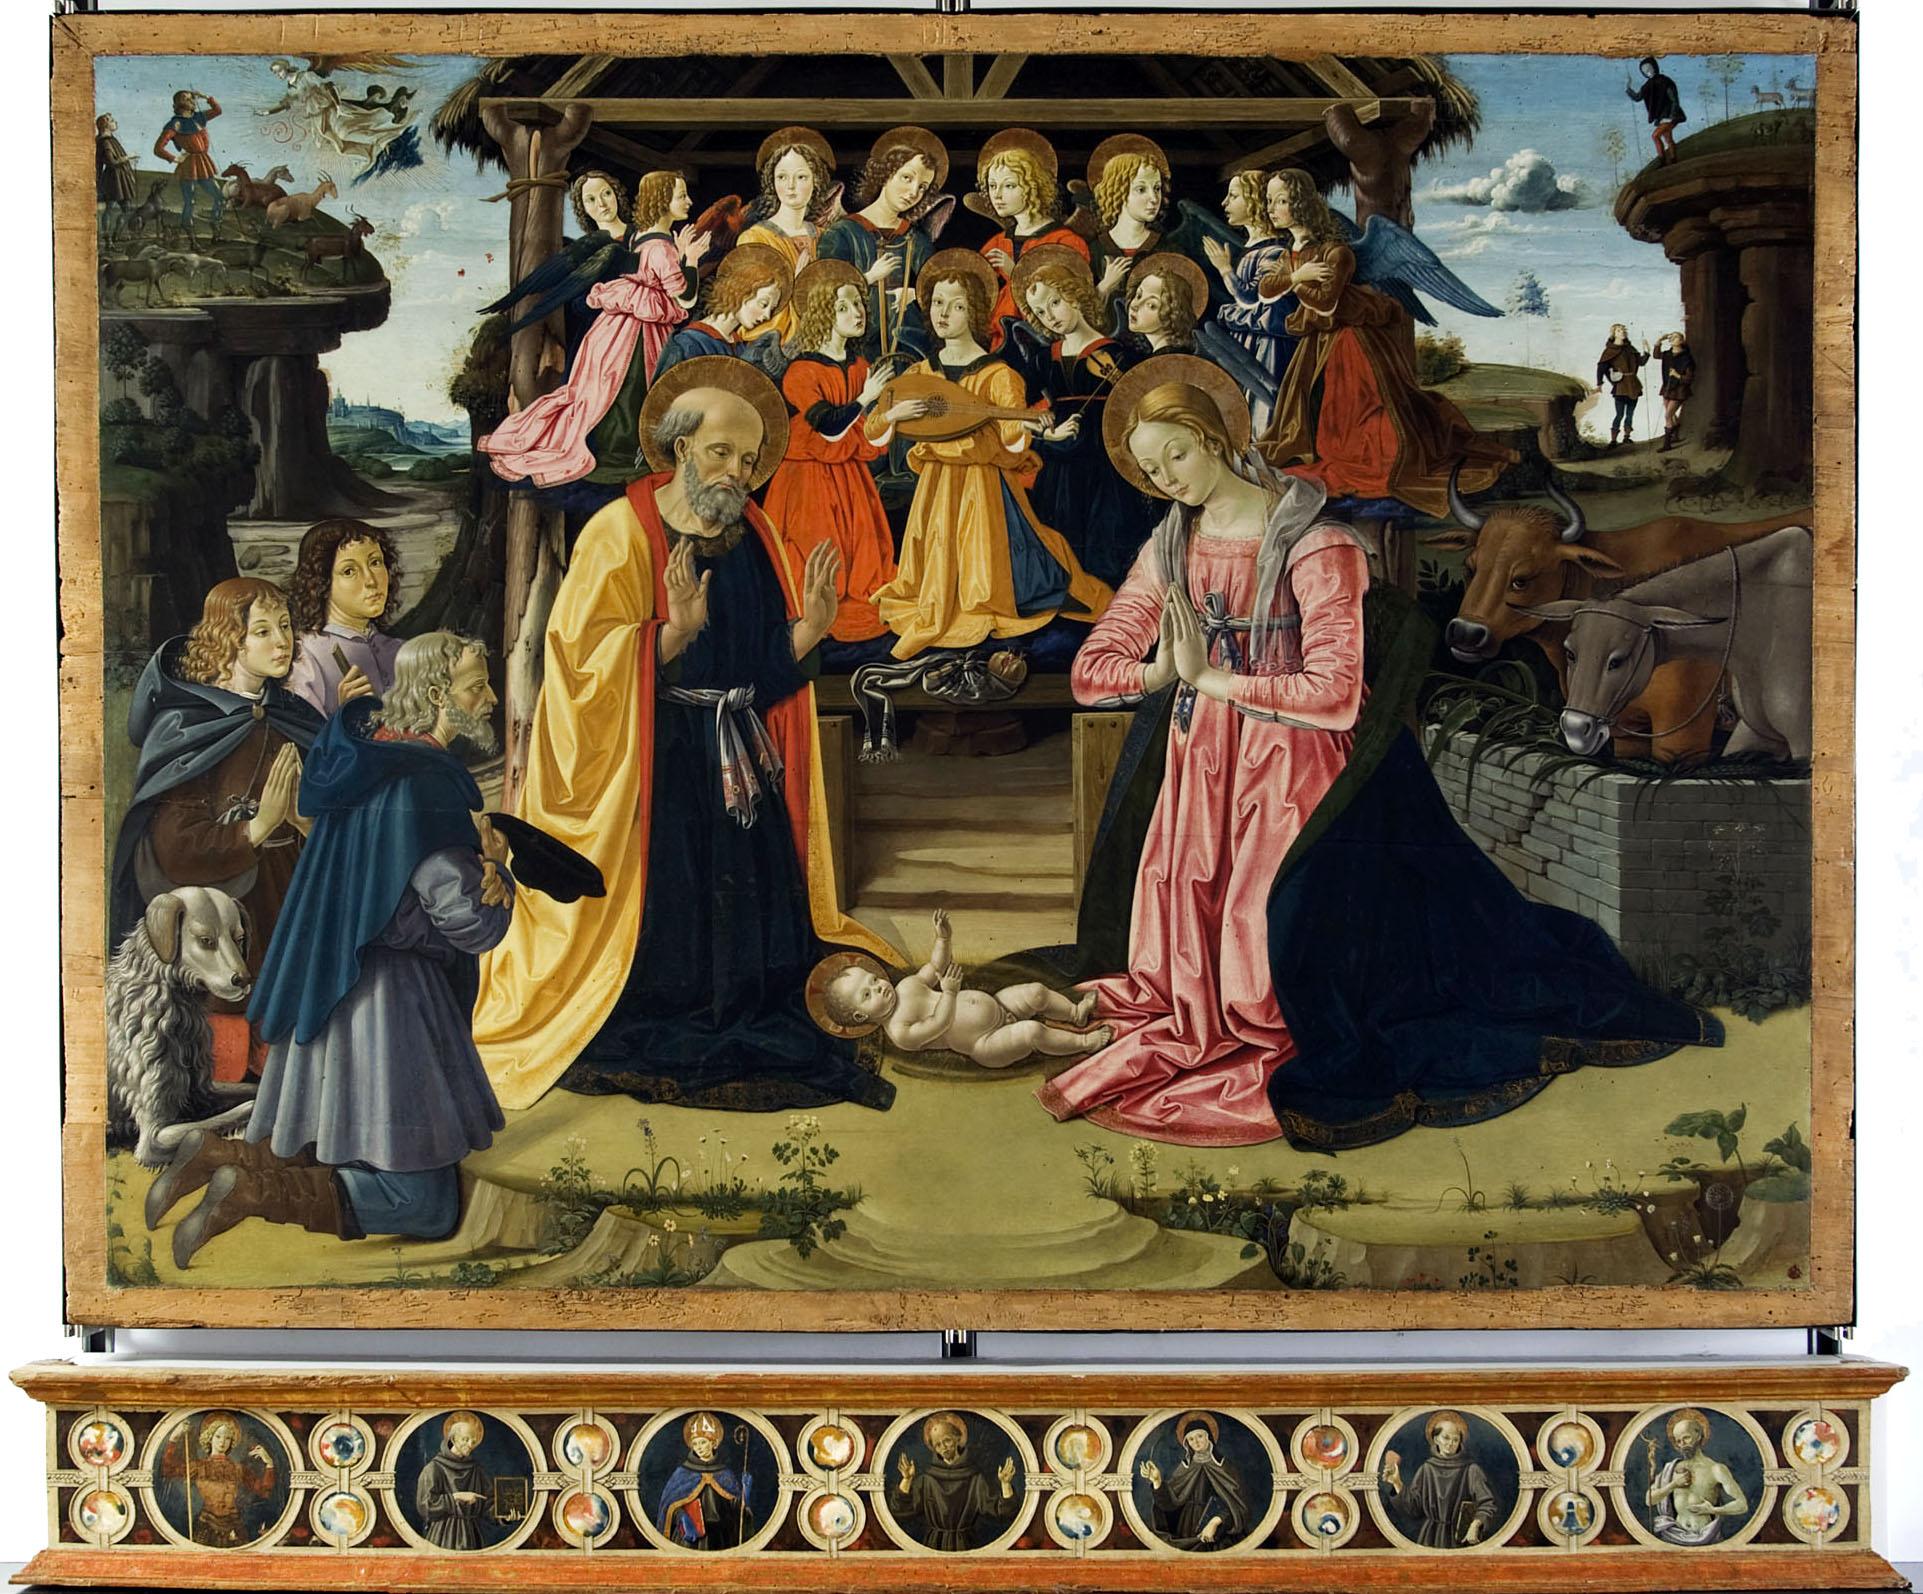 Capolavori per Milano: due Adorazioni in arrivo da Perugia